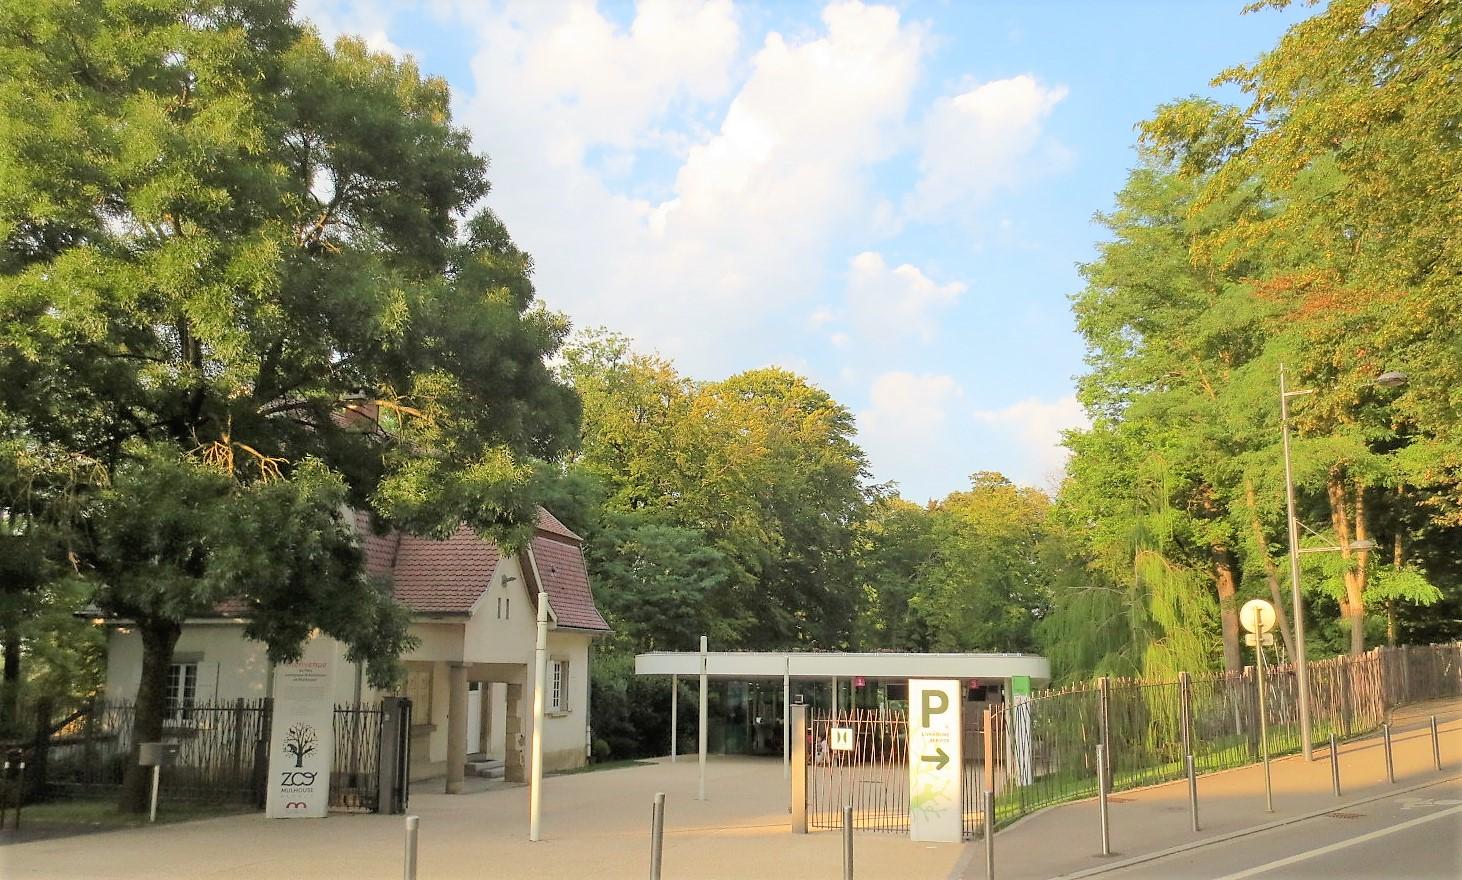 parc zoologique et botanique de mulhouse wikip dia. Black Bedroom Furniture Sets. Home Design Ideas